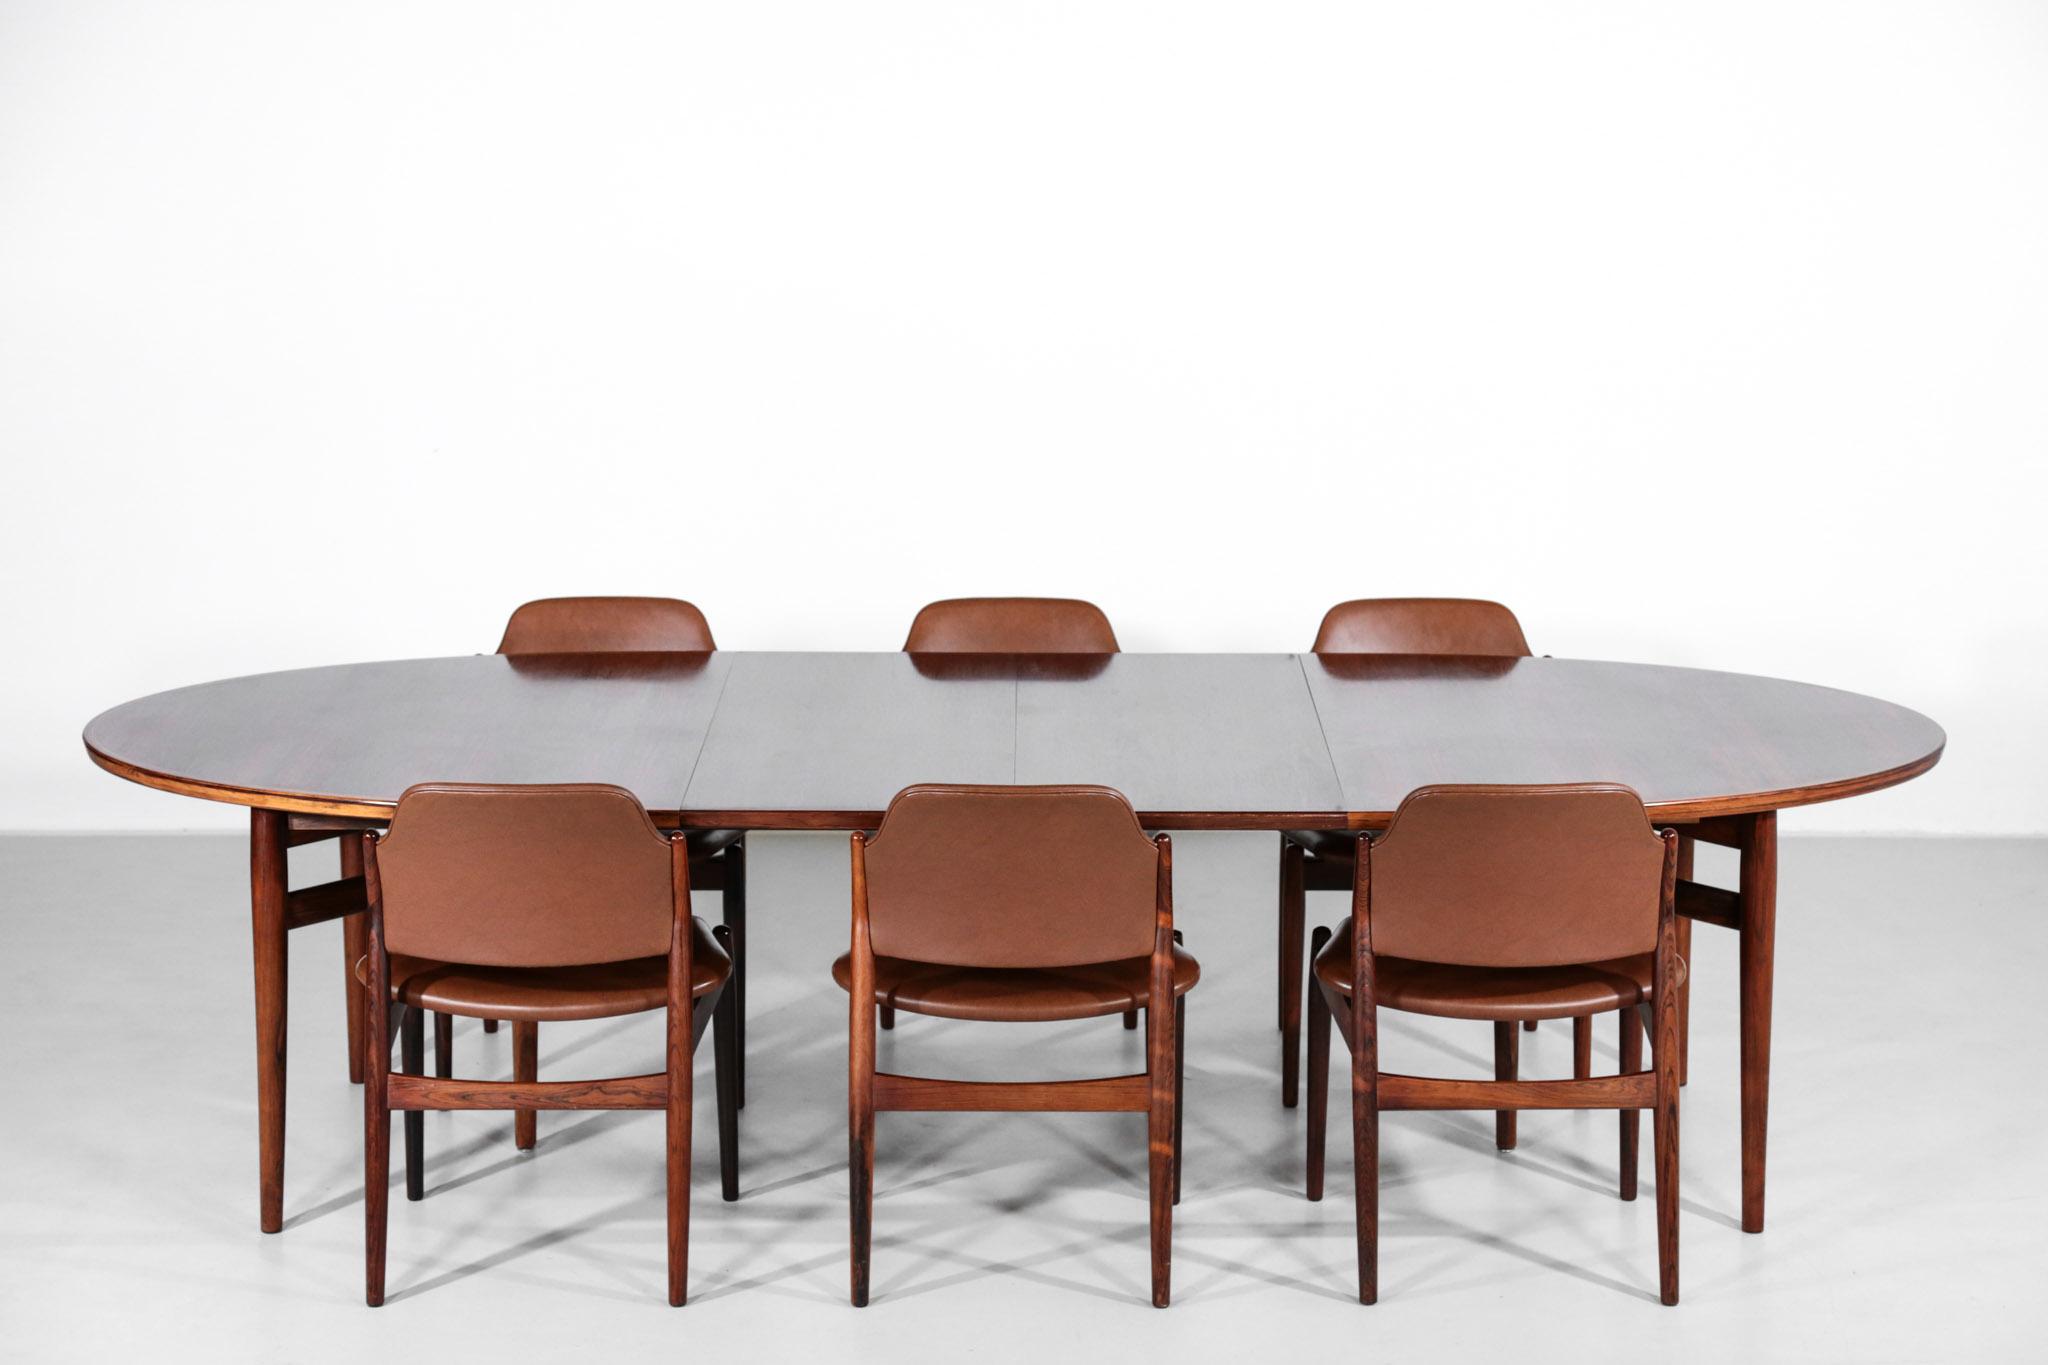 Arne Vodder Dining Room Set Model 212 Scandinavian Design